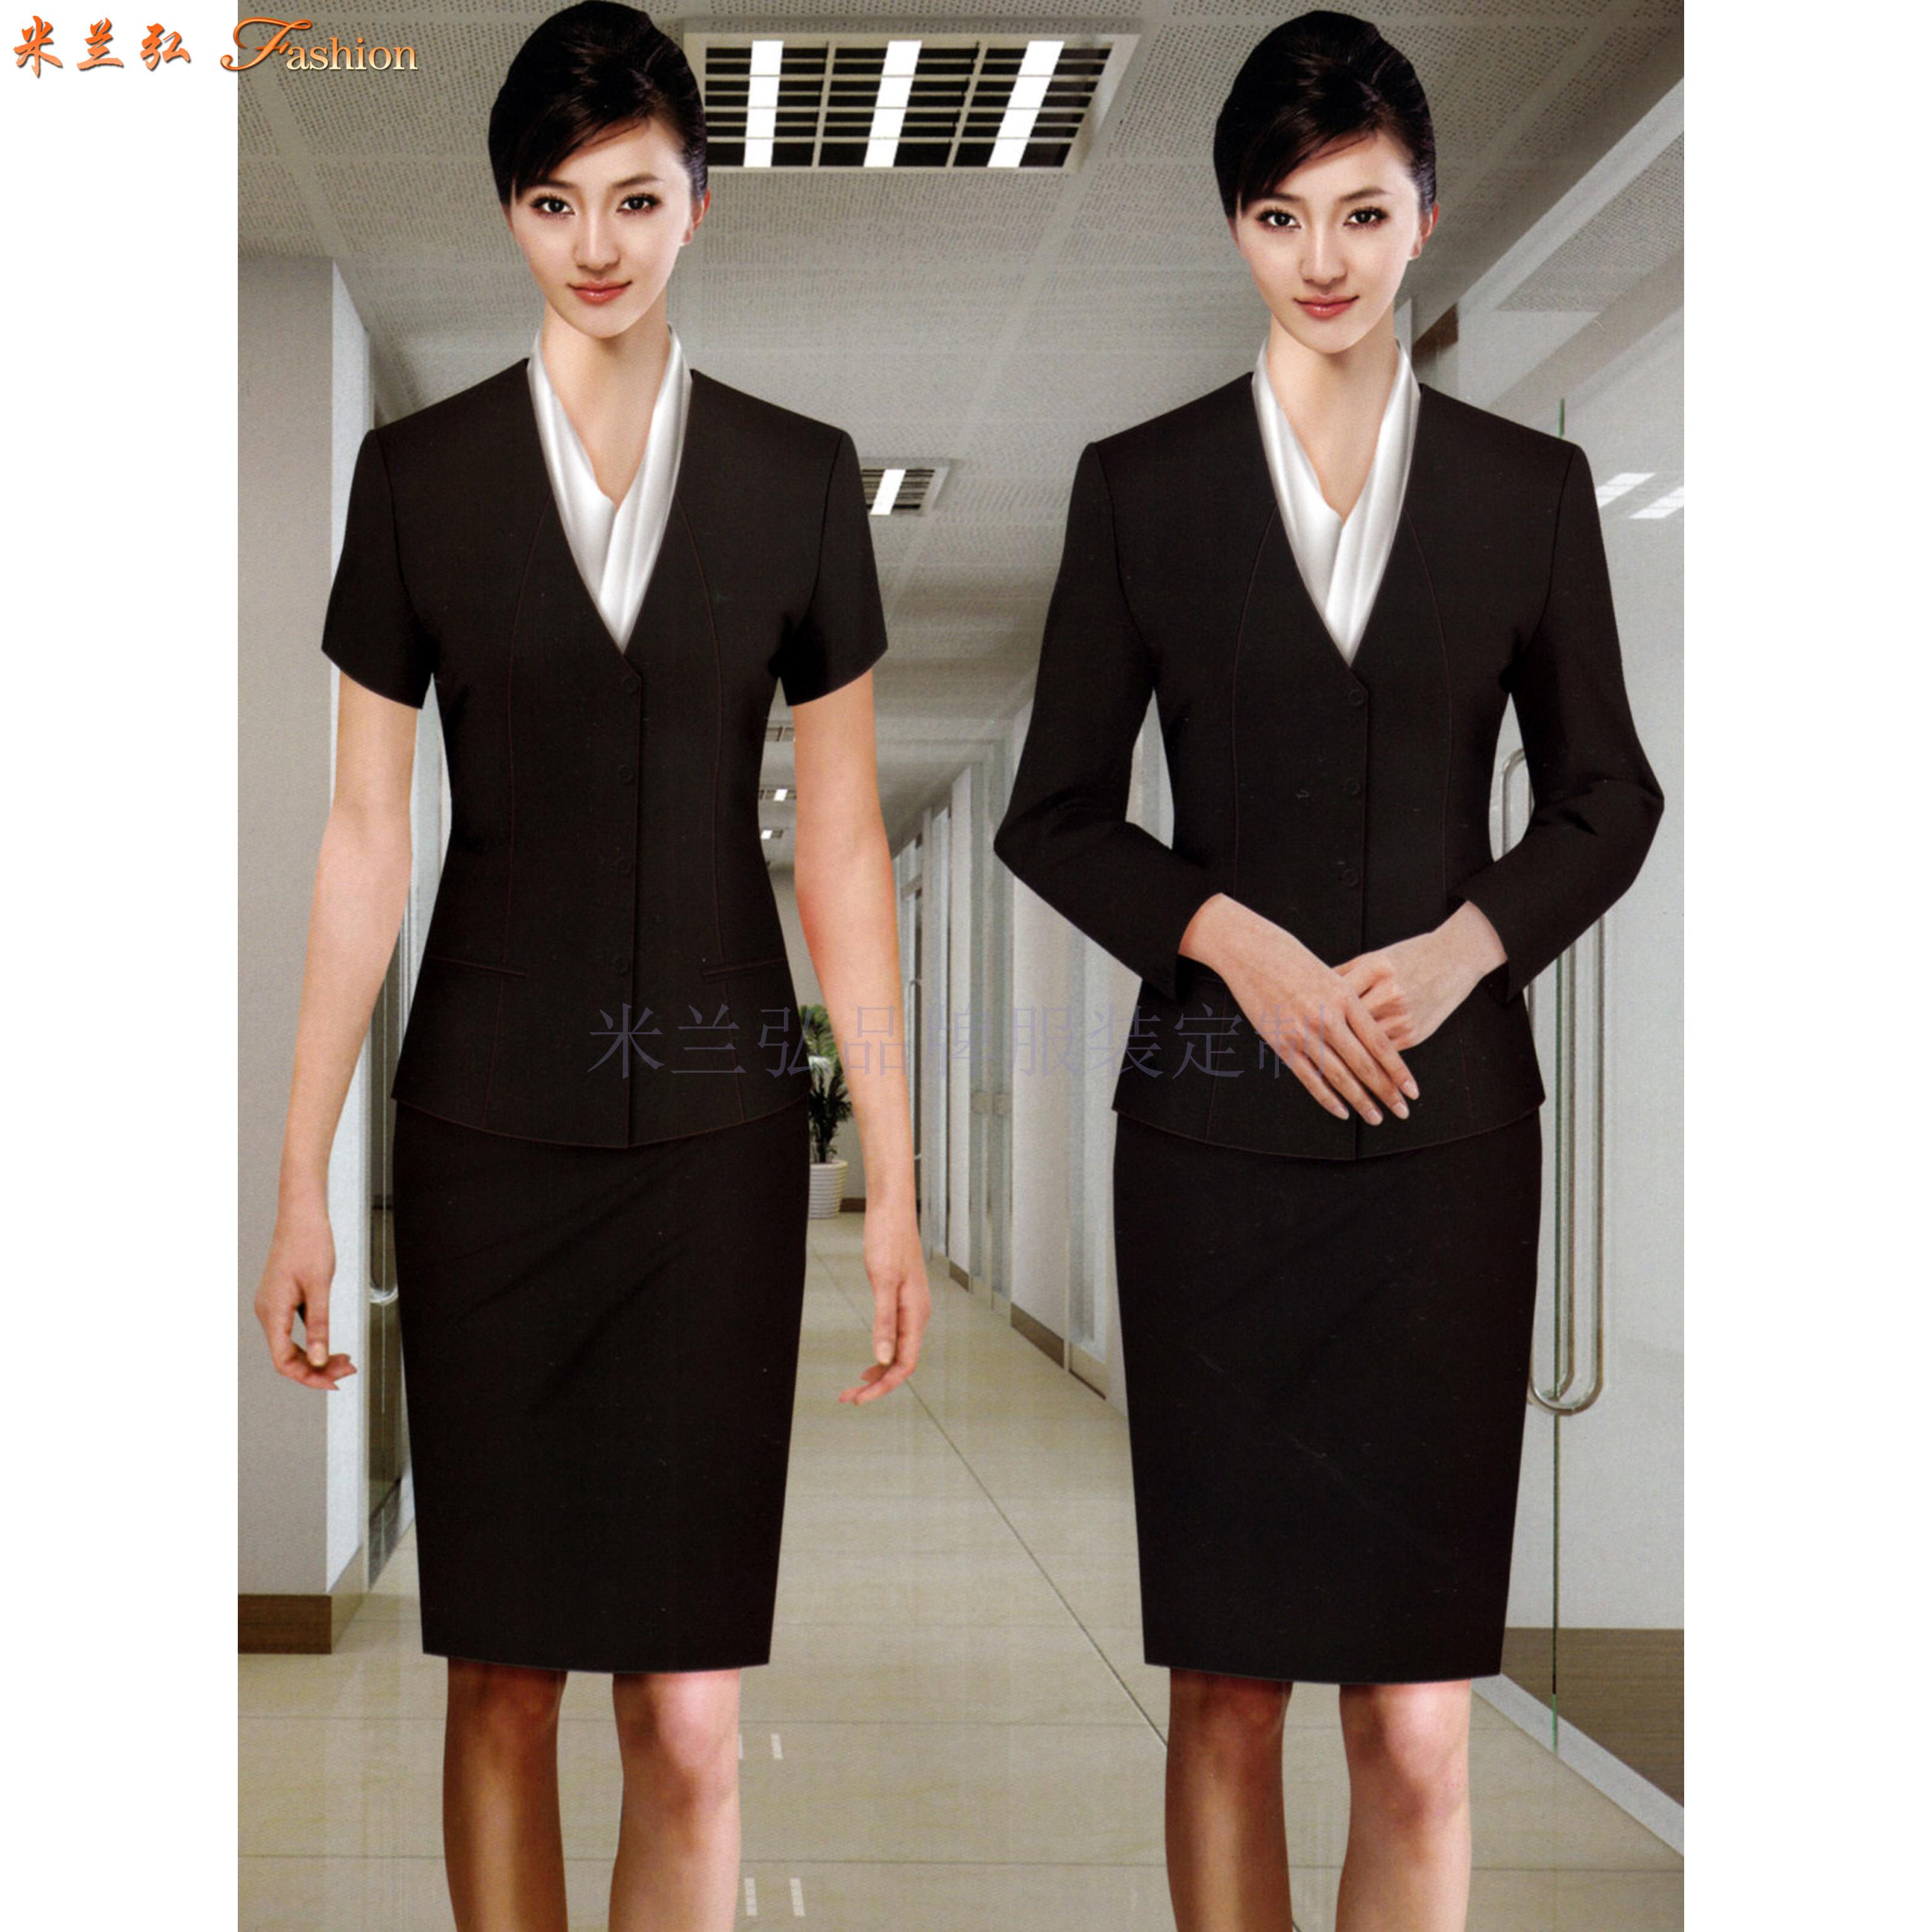 京津冀公司職業裝定制-選擇潮流時尚的正裝職業裝公司-米蘭弘-3